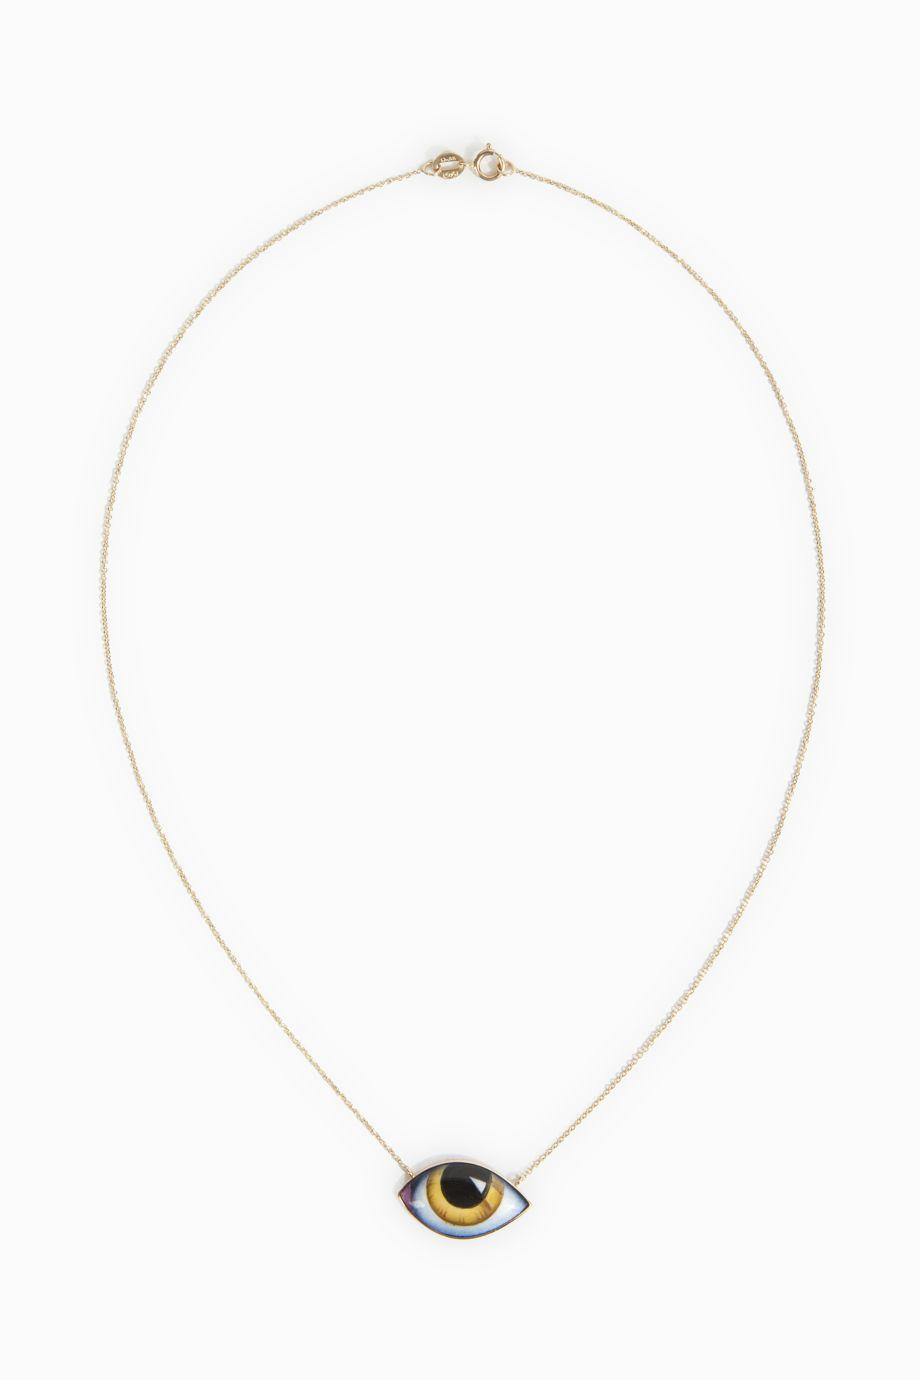 LITO Yellow Enamel Eye Necklace, Size Os, Women, Metallic